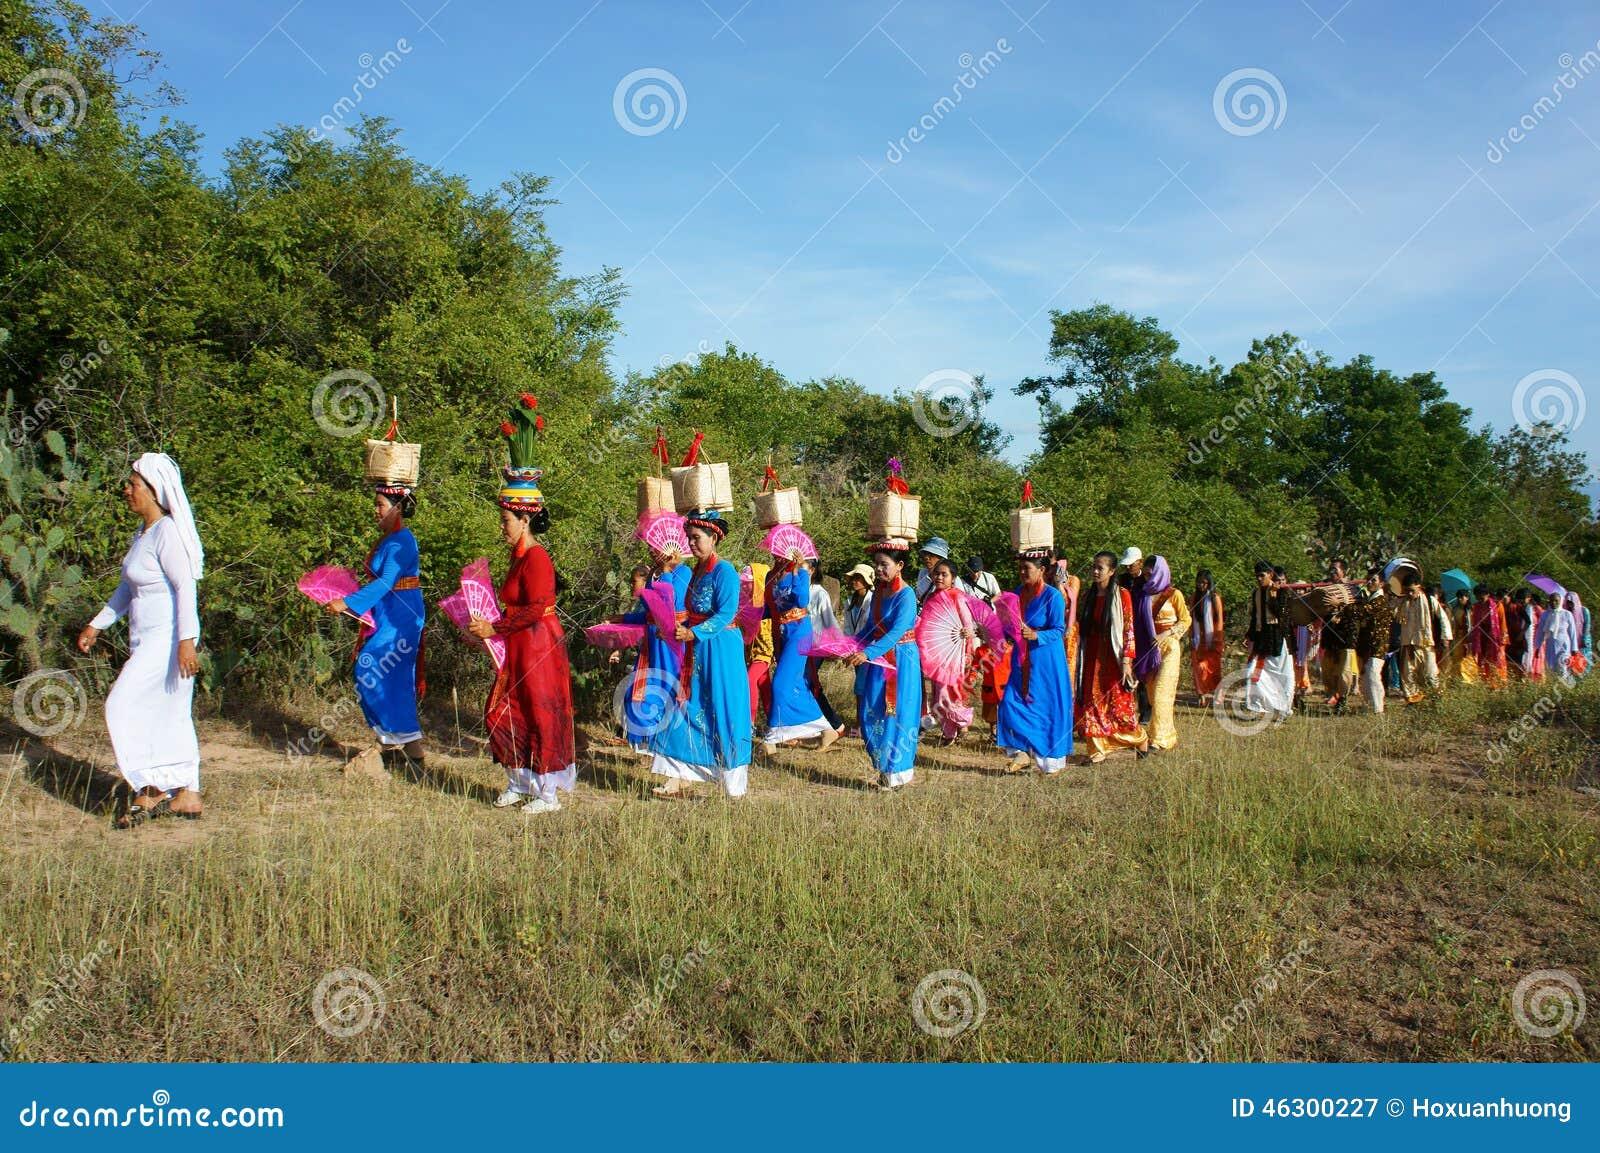 Panoramisch verbazen, Kate-festival, de traditionele cultuur van Cham